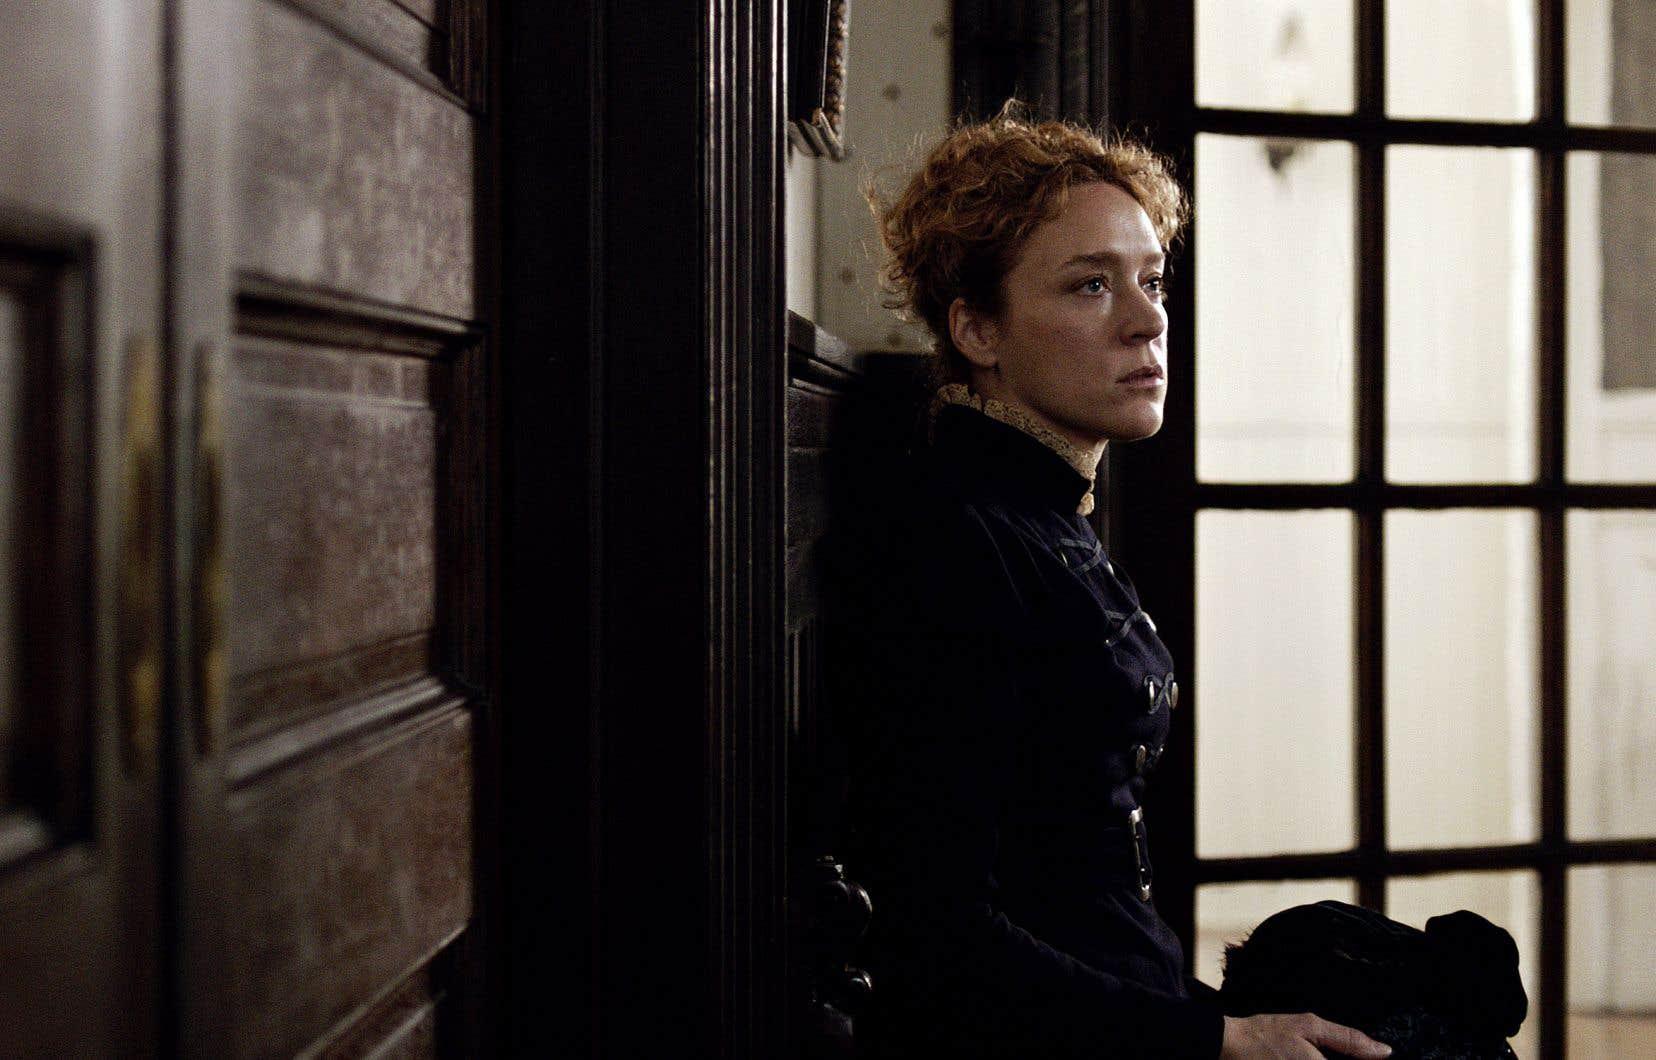 L'excellente Chloë Sevigny propose sa version du personnage de Lizzie Borden, qu'elle interprète avec une intériorité frémissante.